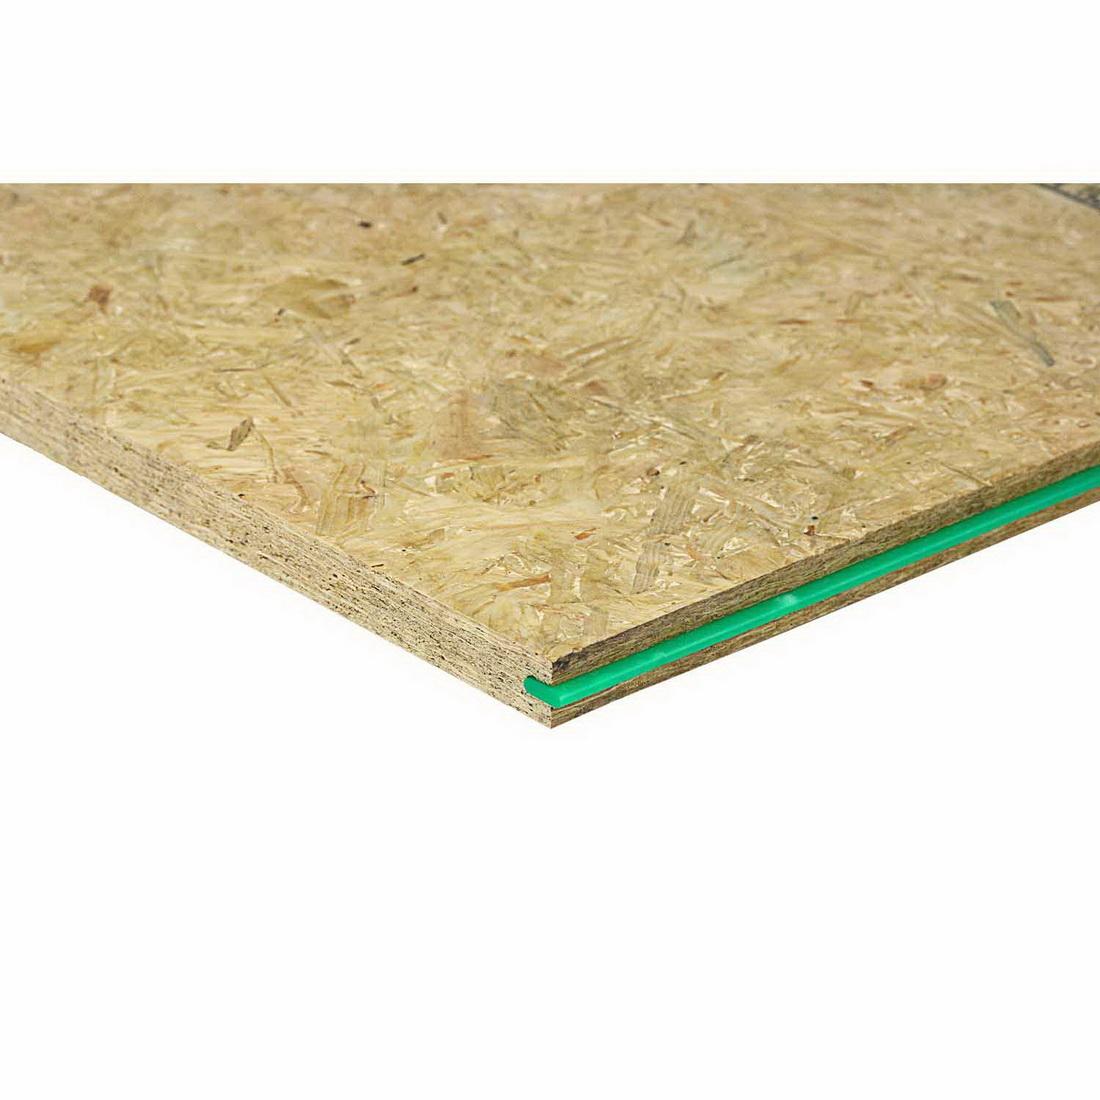 Laminex Strandfloor Tongue & Groove Wood Panel 2400 x 1200 x 20mm H3.1 Treated 8511281